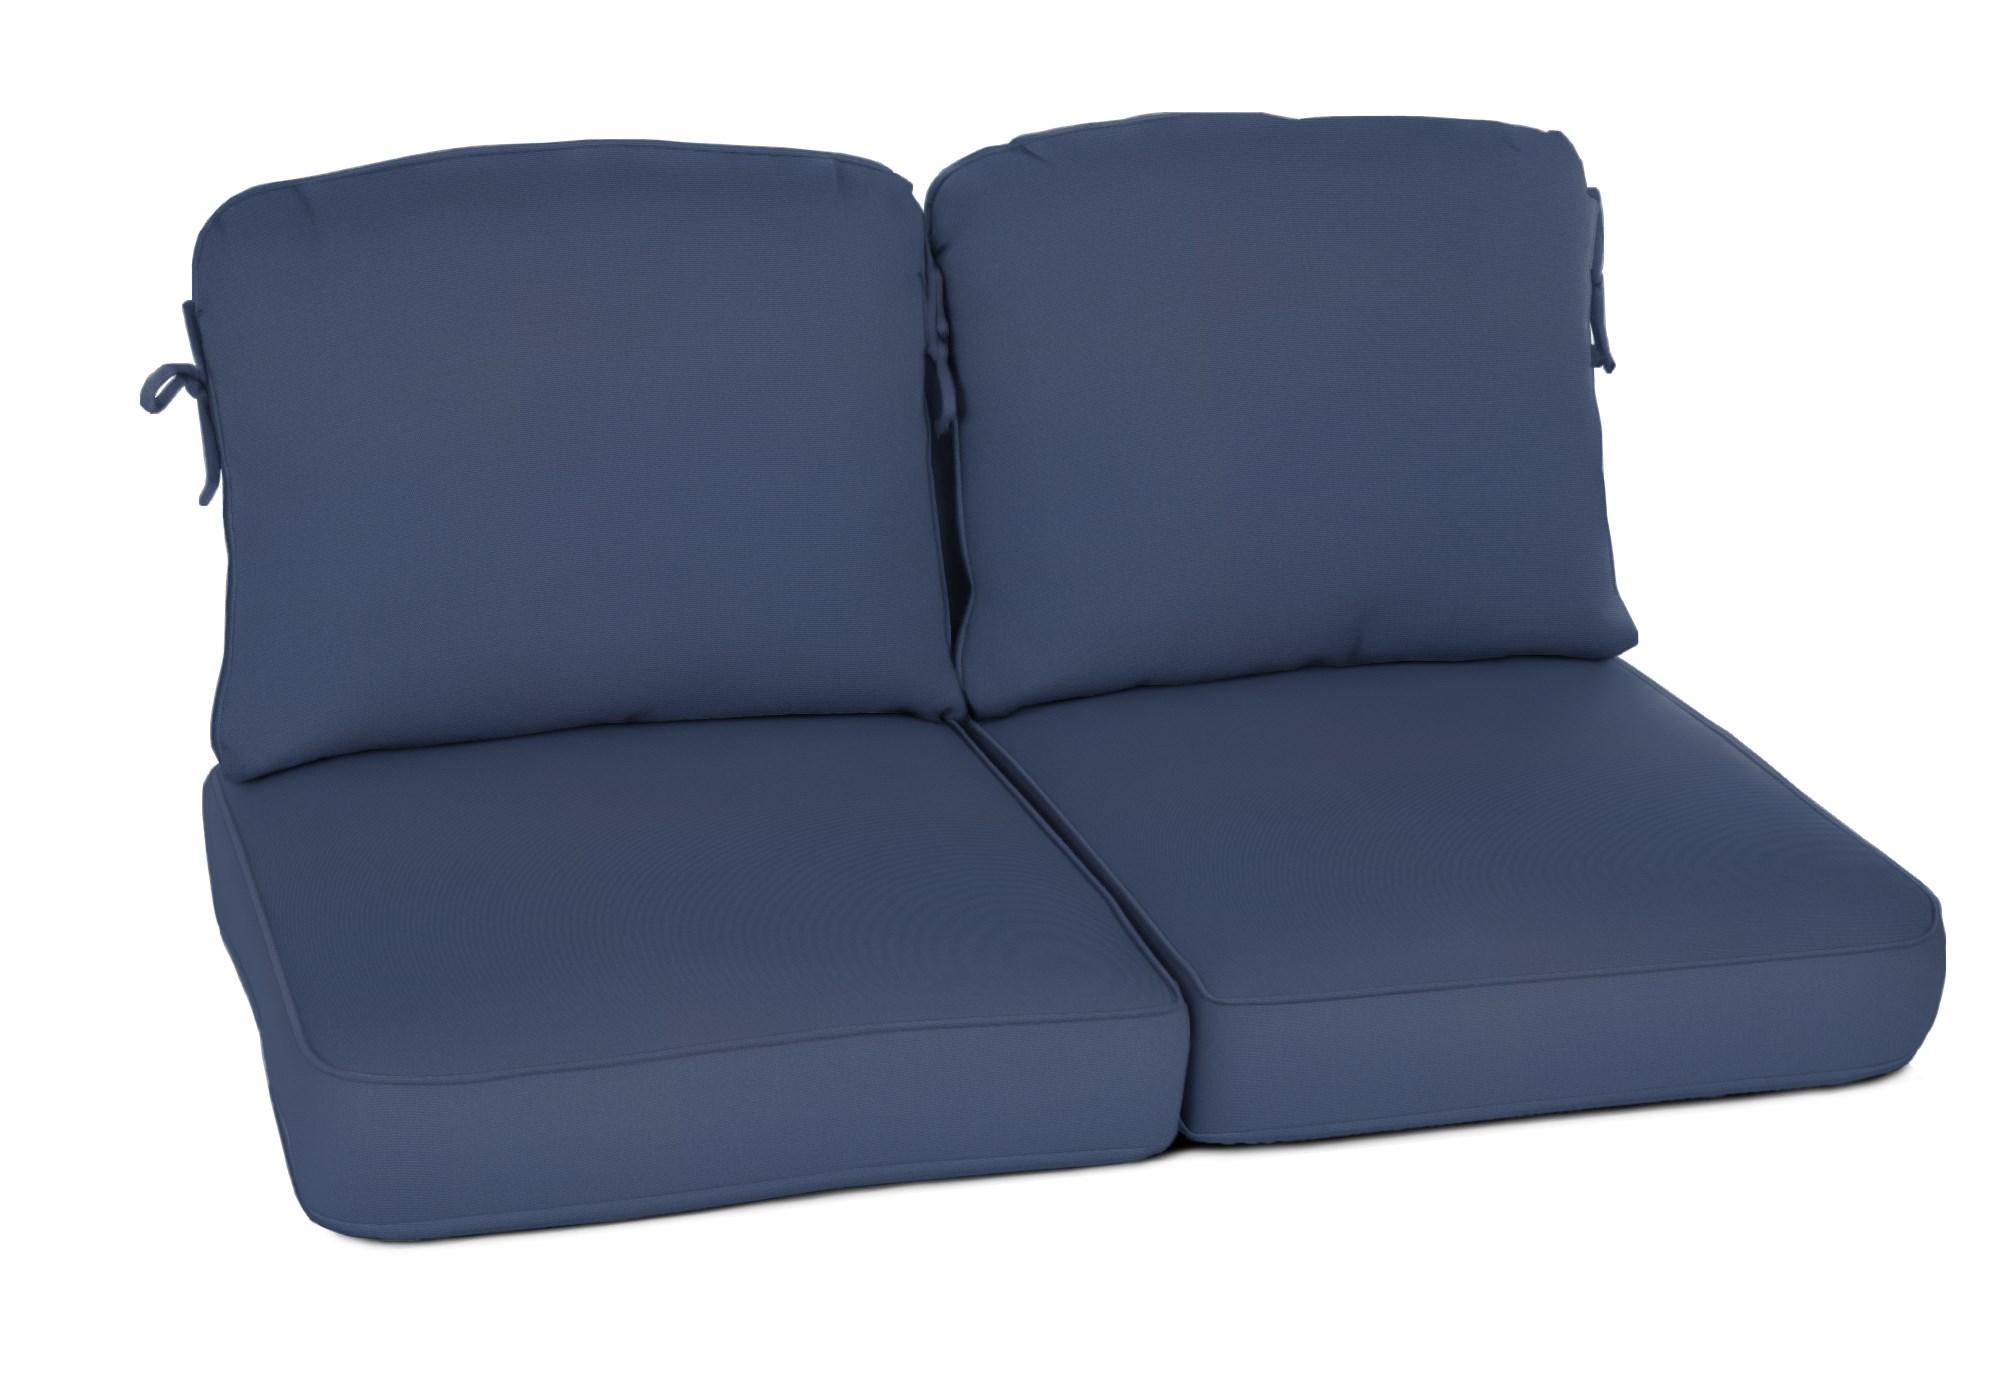 Casual Cushion Gensun Series